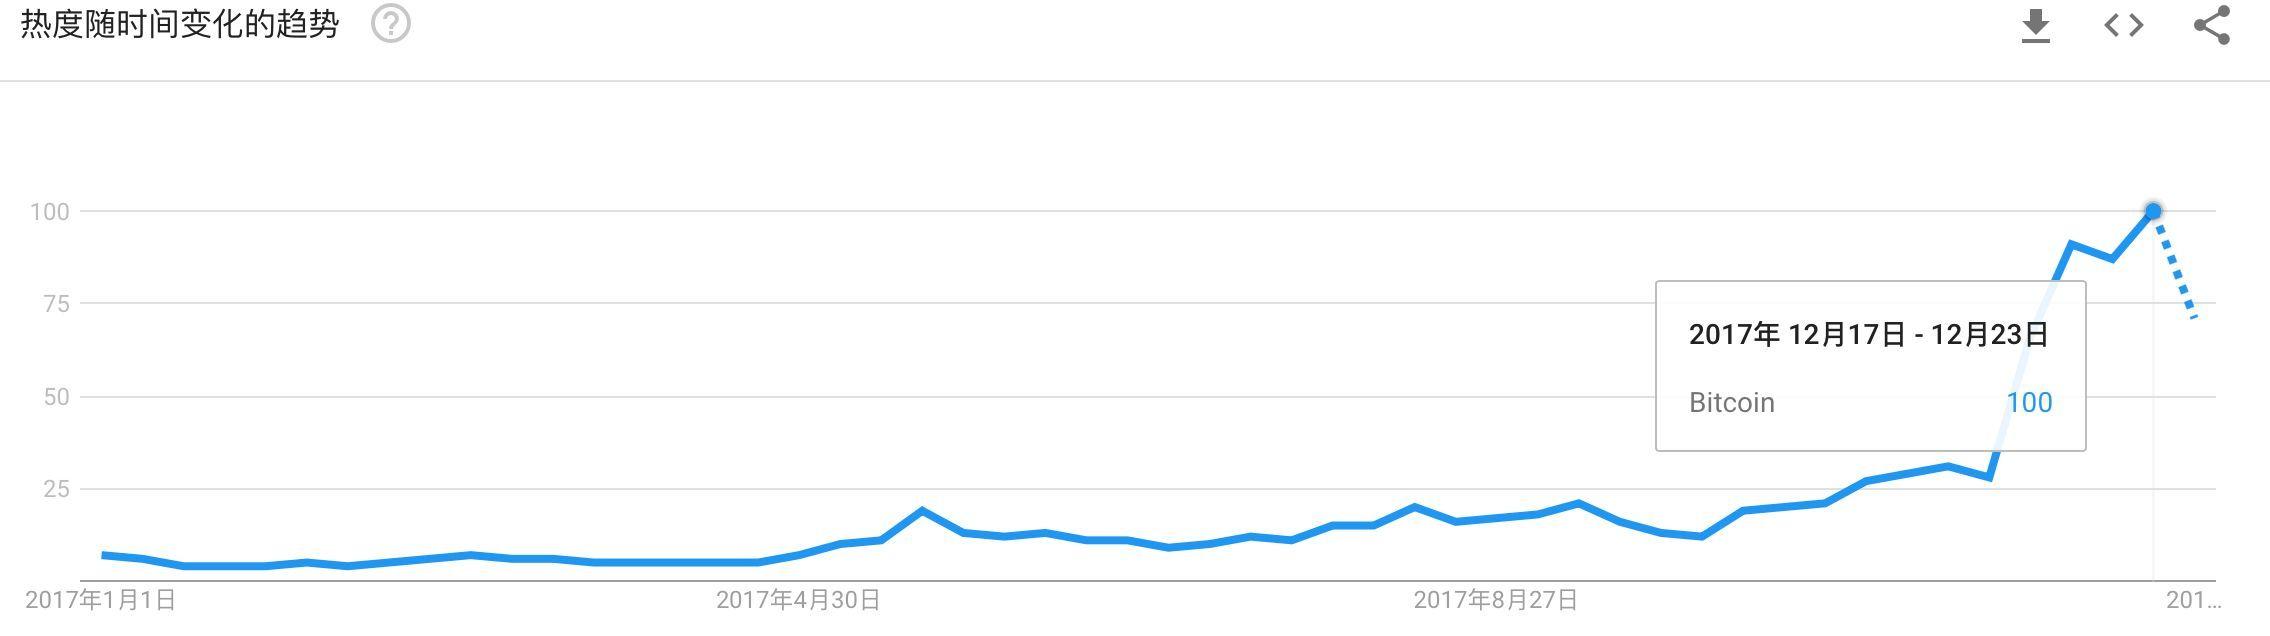 热词搜索排行榜_2020年度小升初搜索热词榜单出炉:划片位居榜首